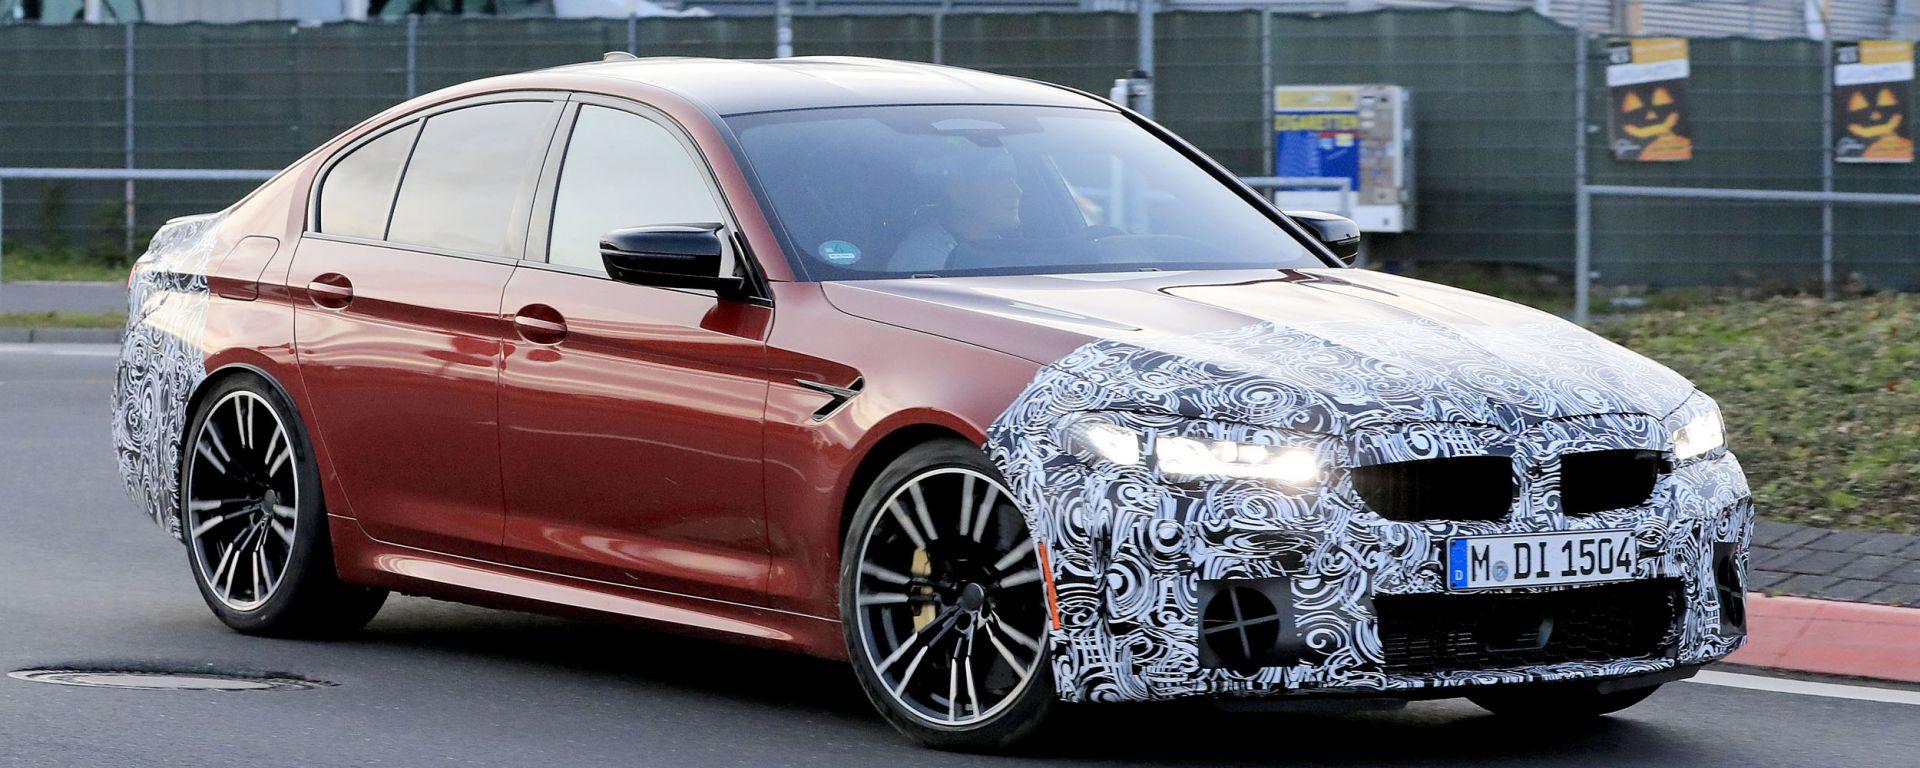 BMW Serie 5 facelift: visuale di 3/4 anteriore